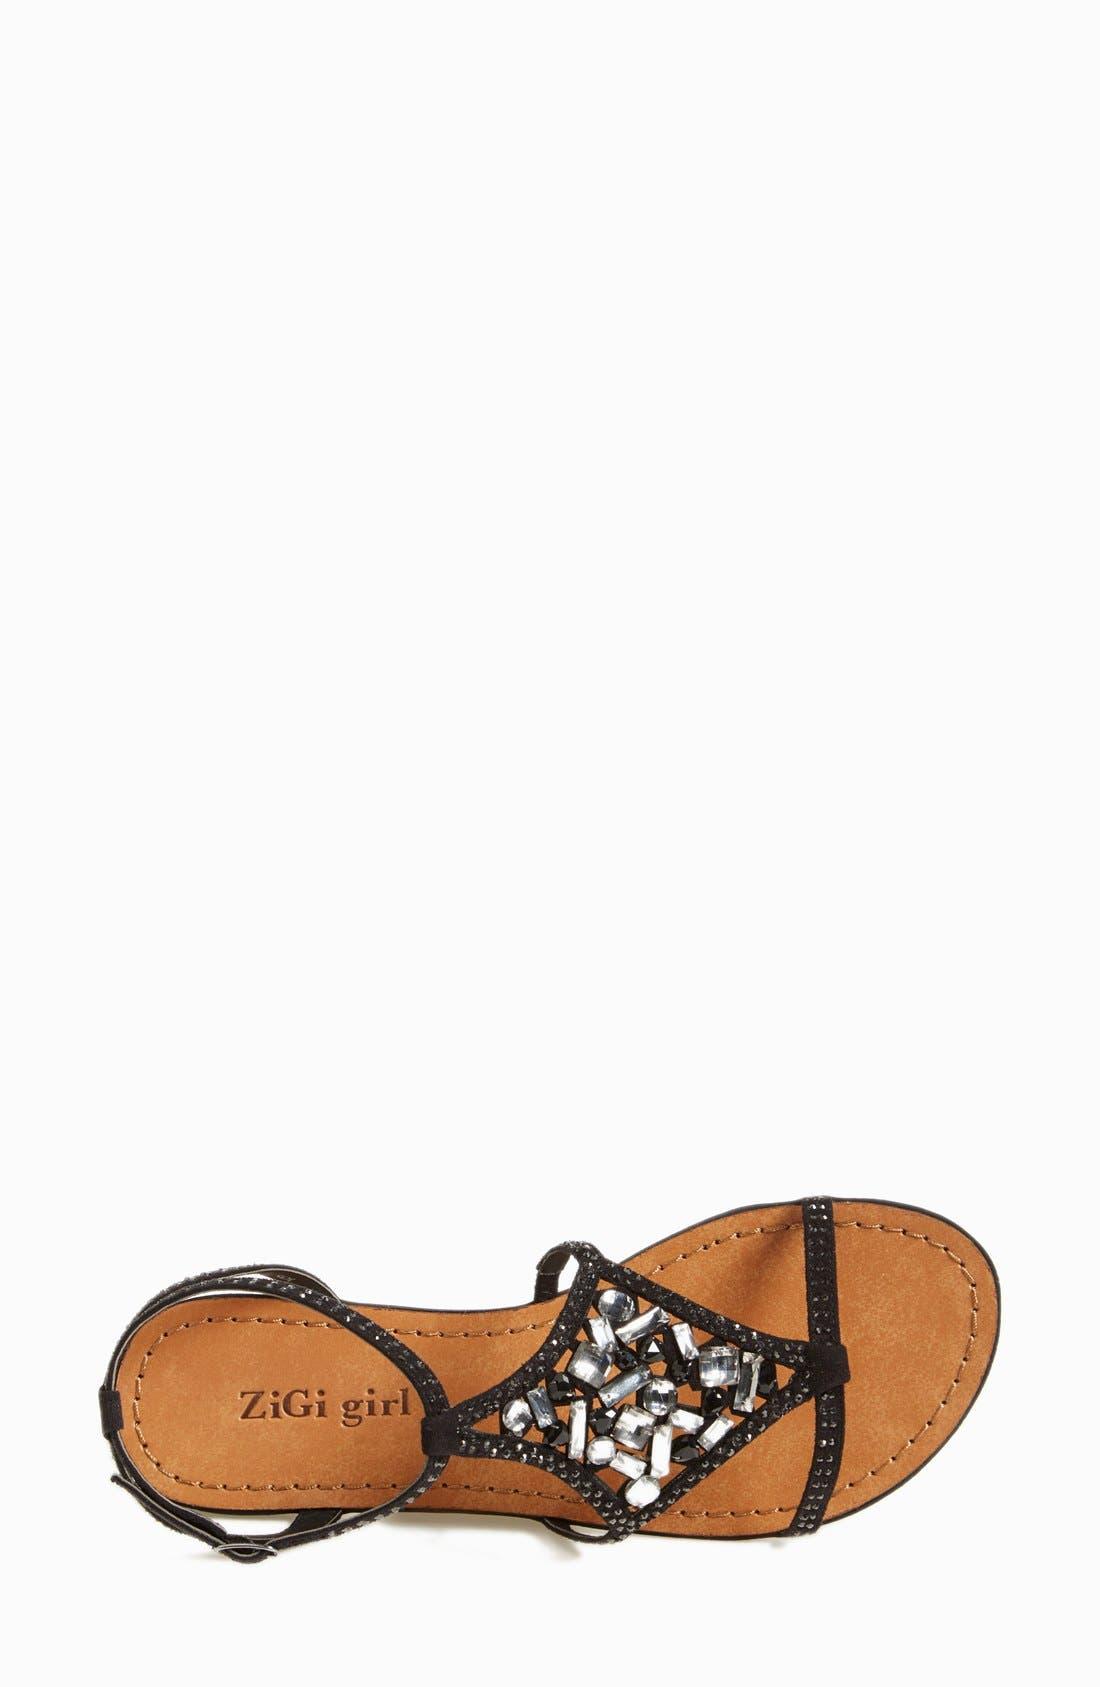 Alternate Image 2  - ZiGi girl 'Faylinn' Sandal (Women)